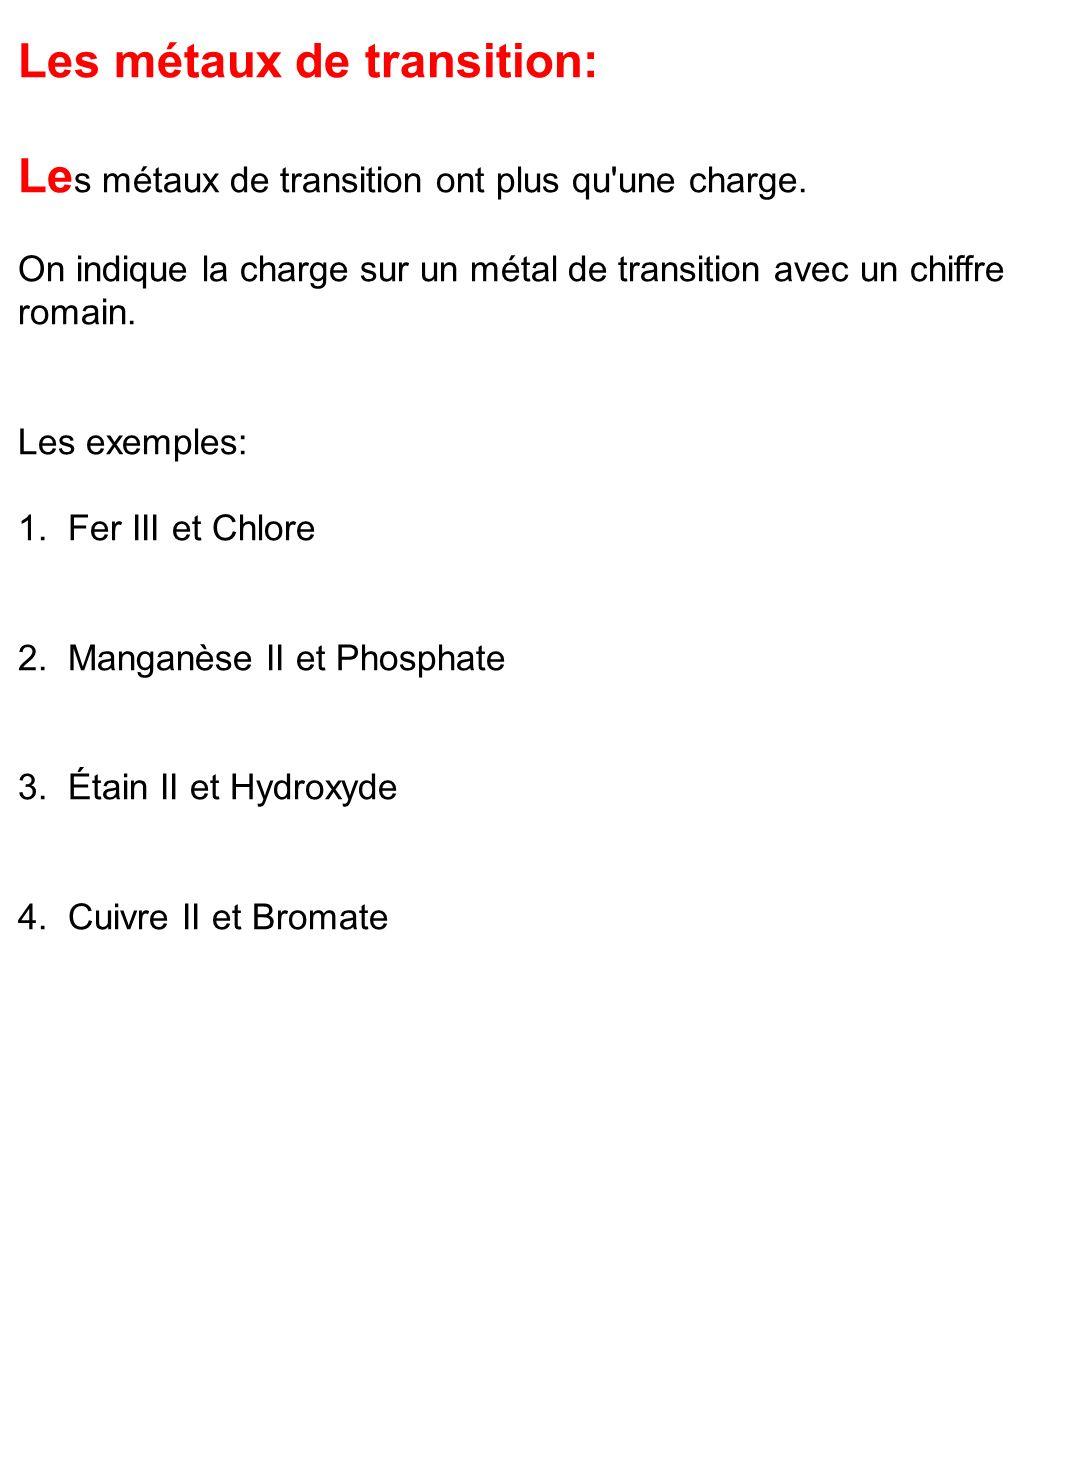 Les métaux de transition: Le s métaux de transition ont plus qu'une charge. On indique la charge sur un métal de transition avec un chiffre romain. Le